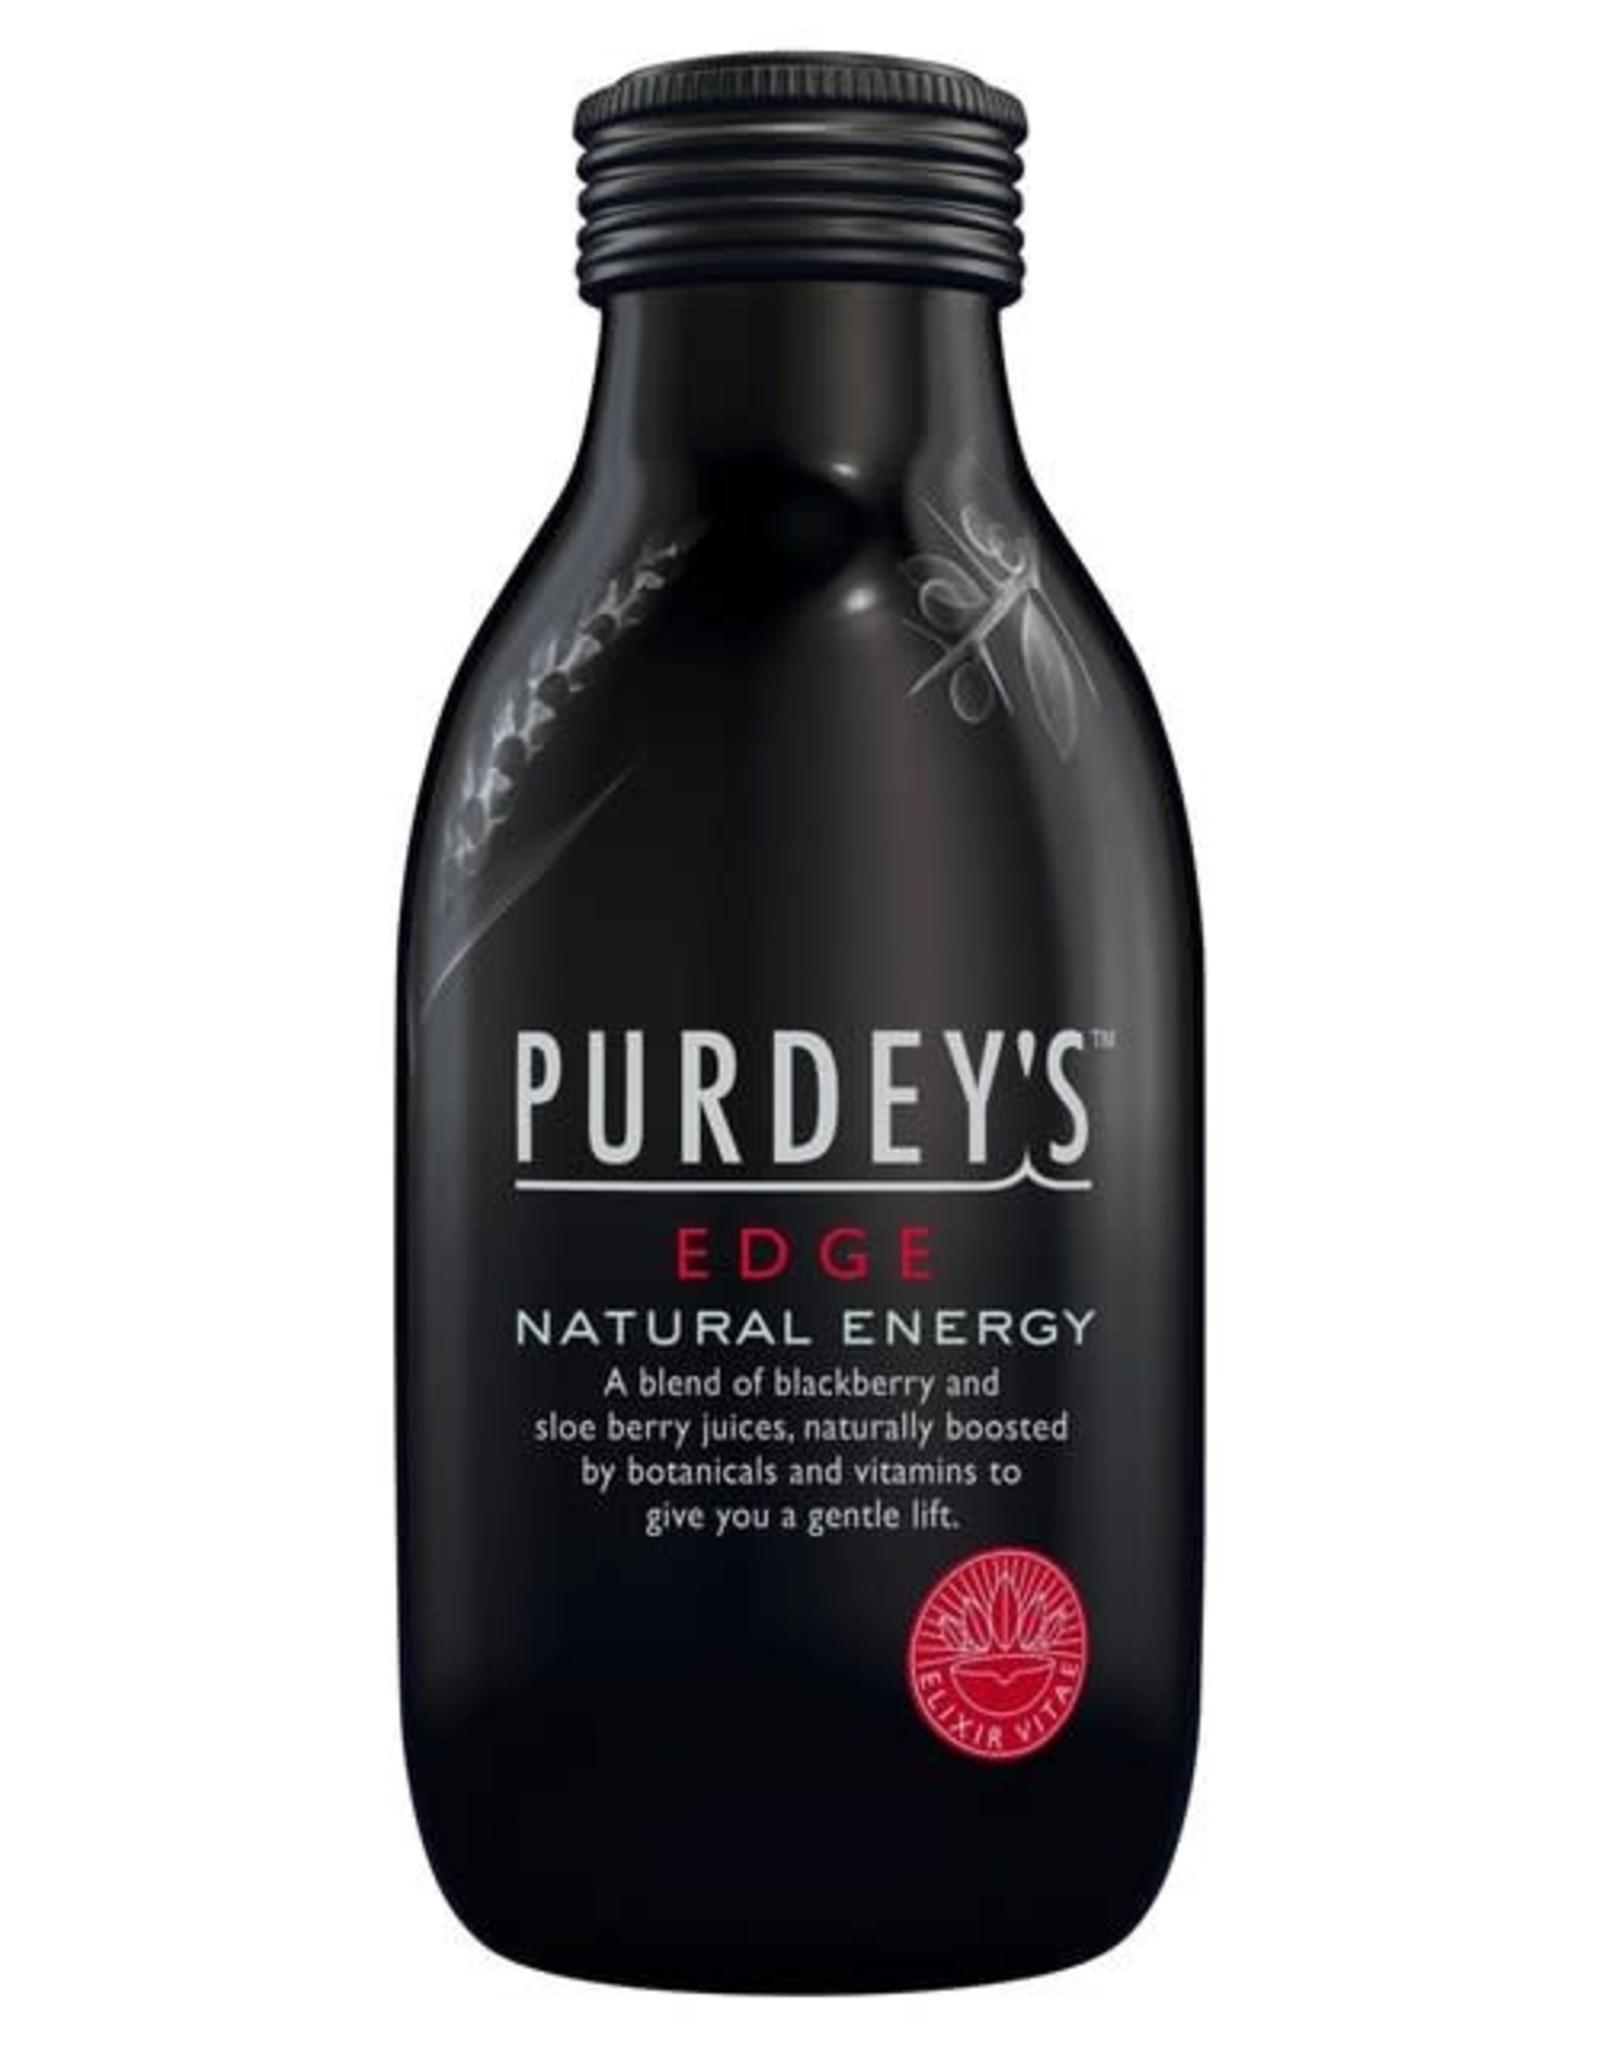 Purdey's Purdey's Edge 330 ml